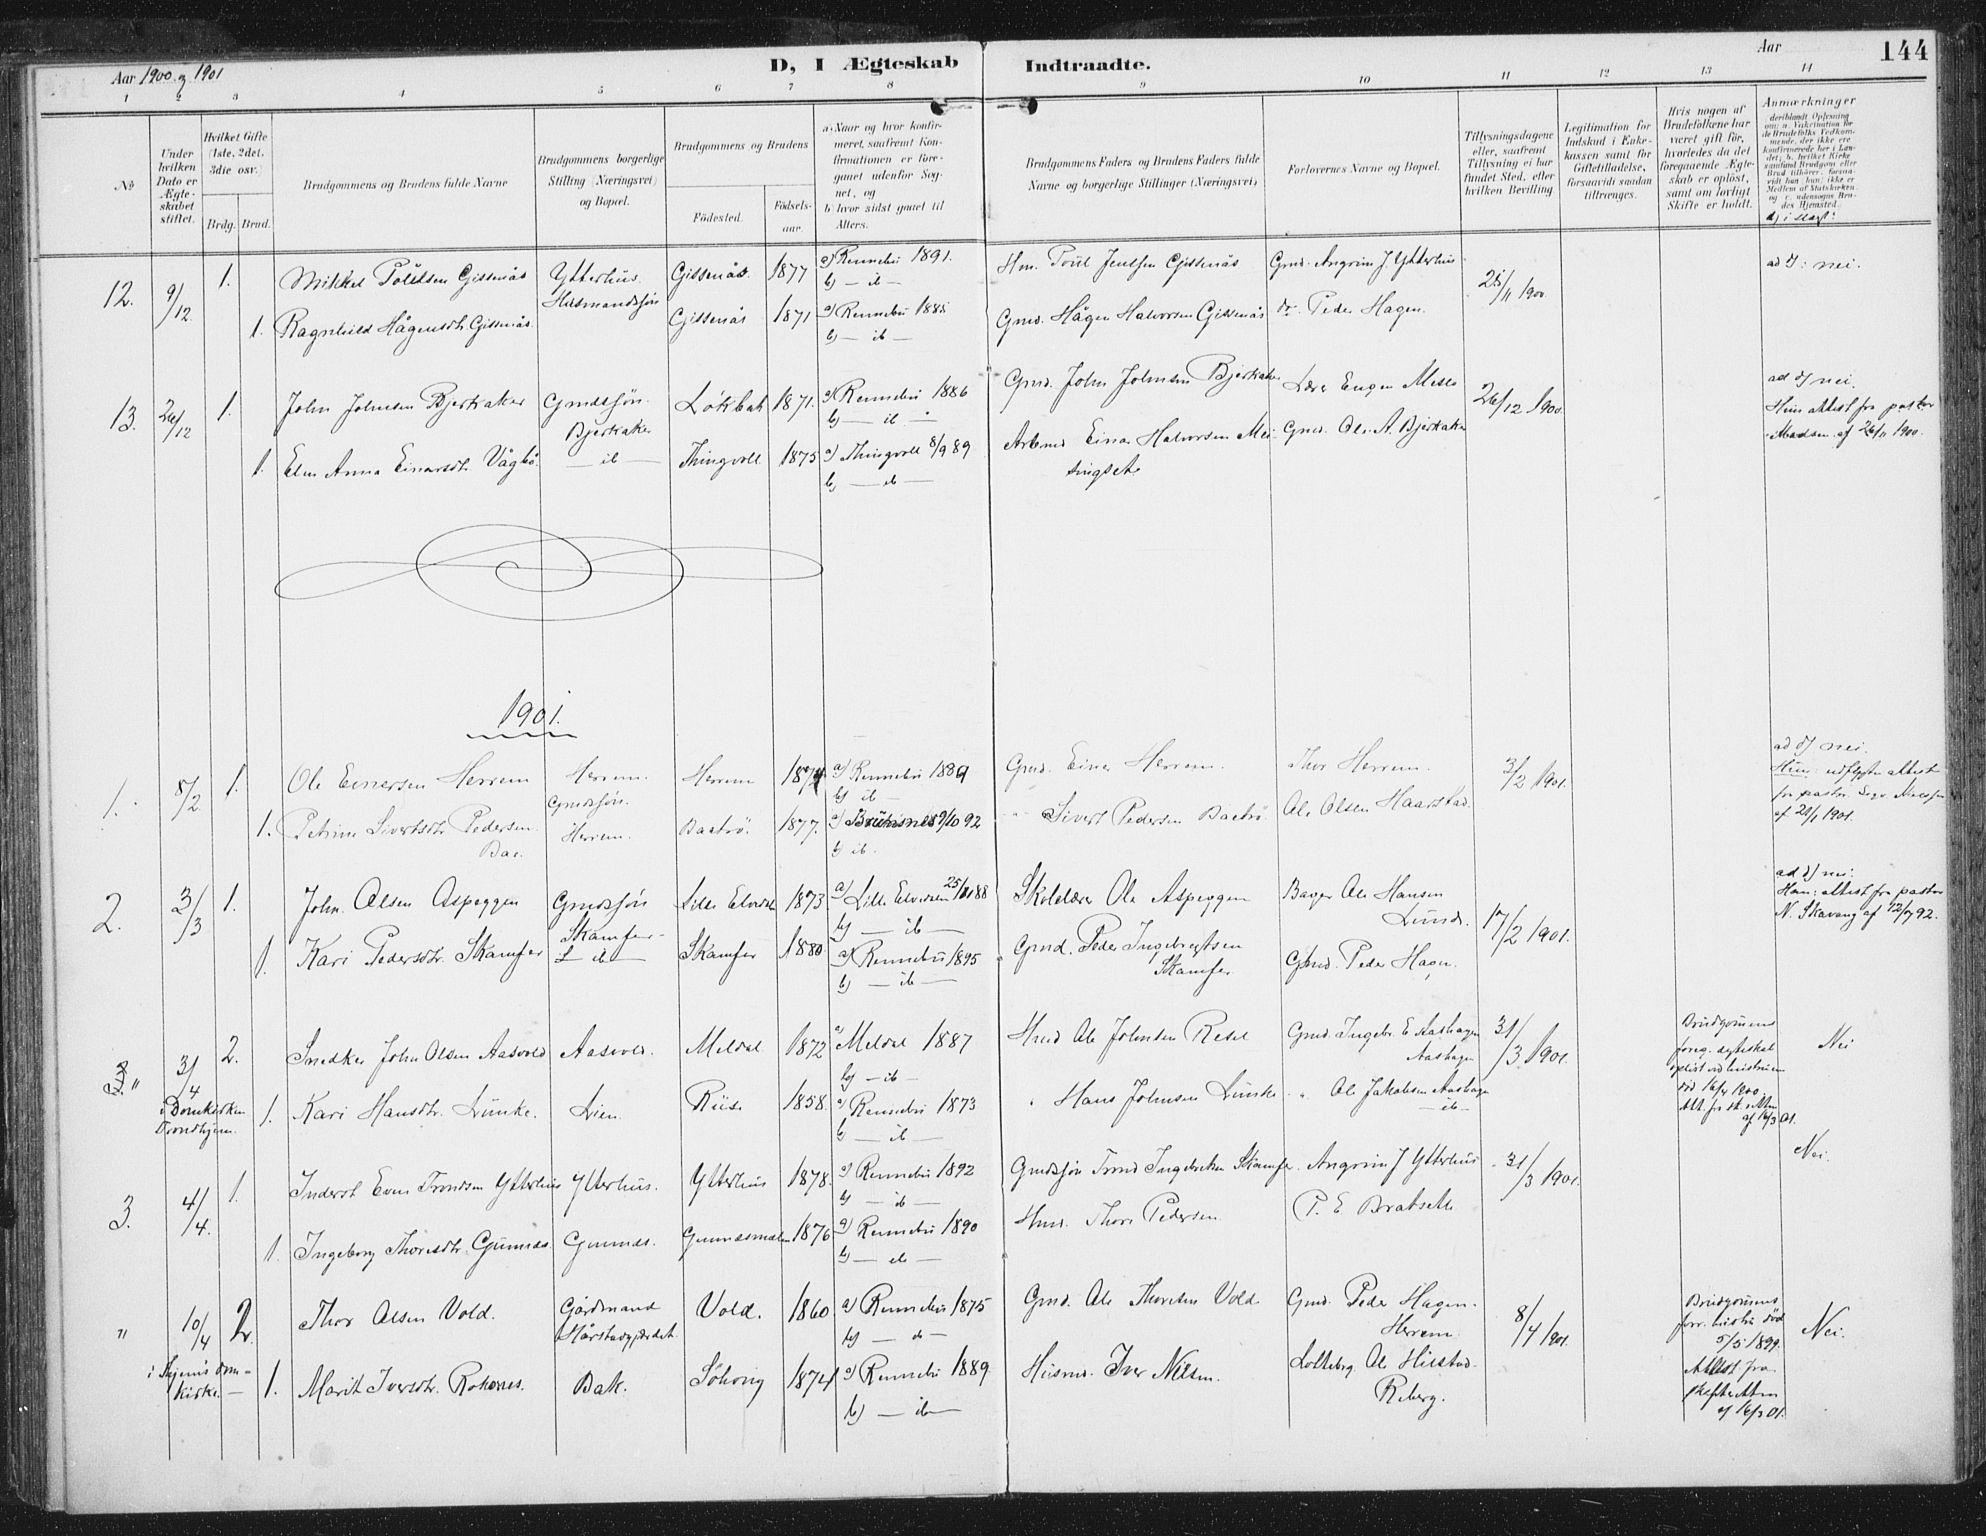 SAT, Ministerialprotokoller, klokkerbøker og fødselsregistre - Sør-Trøndelag, 674/L0872: Ministerialbok nr. 674A04, 1897-1907, s. 144